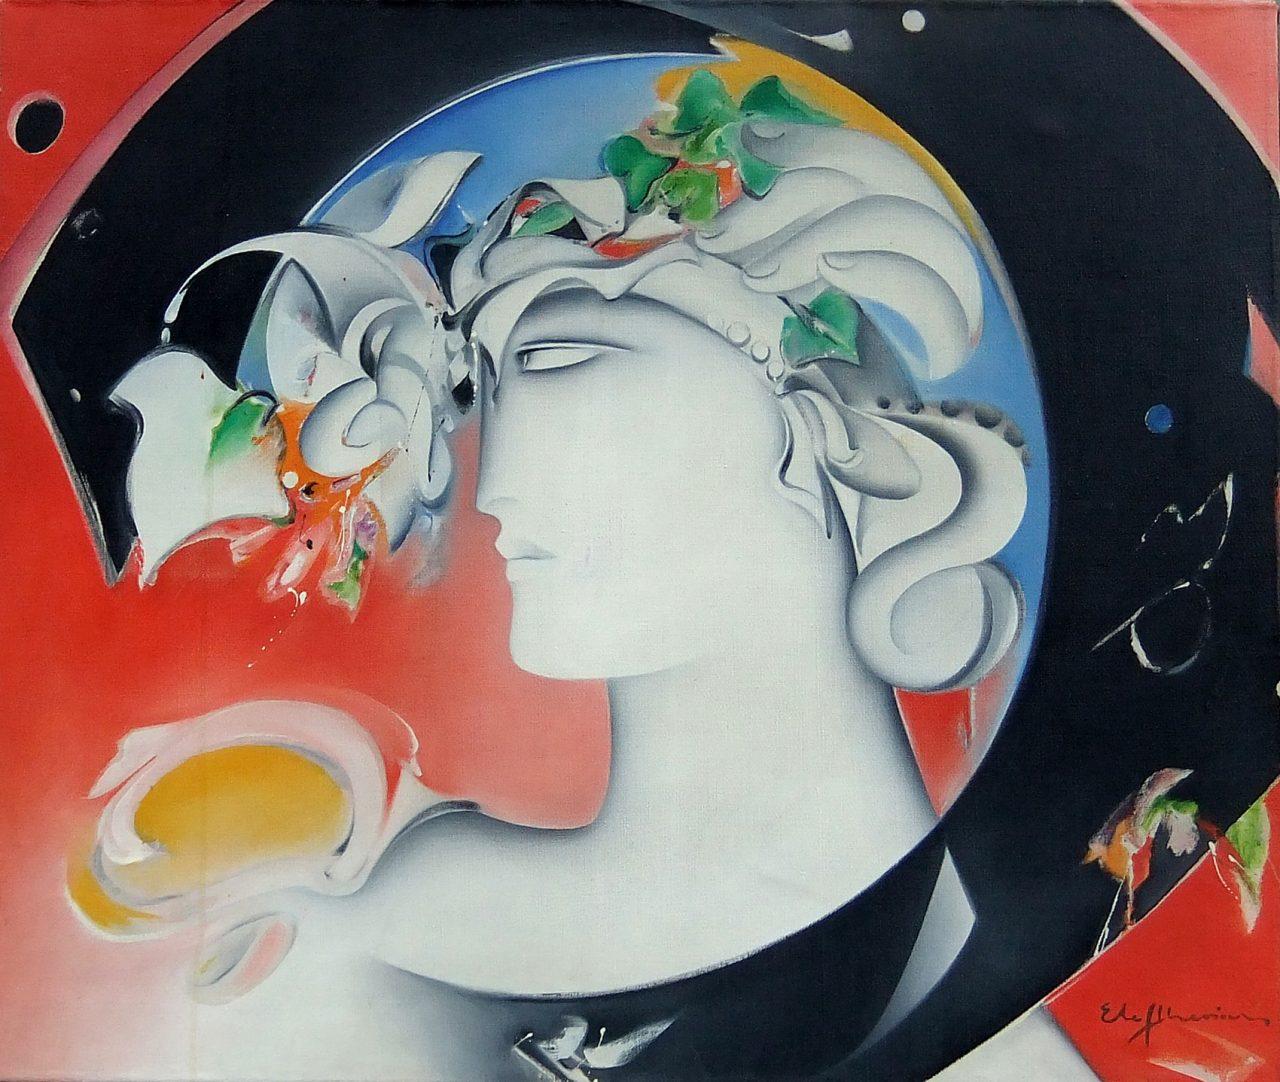 070. ELEFTHERIOU Lilly (1947)